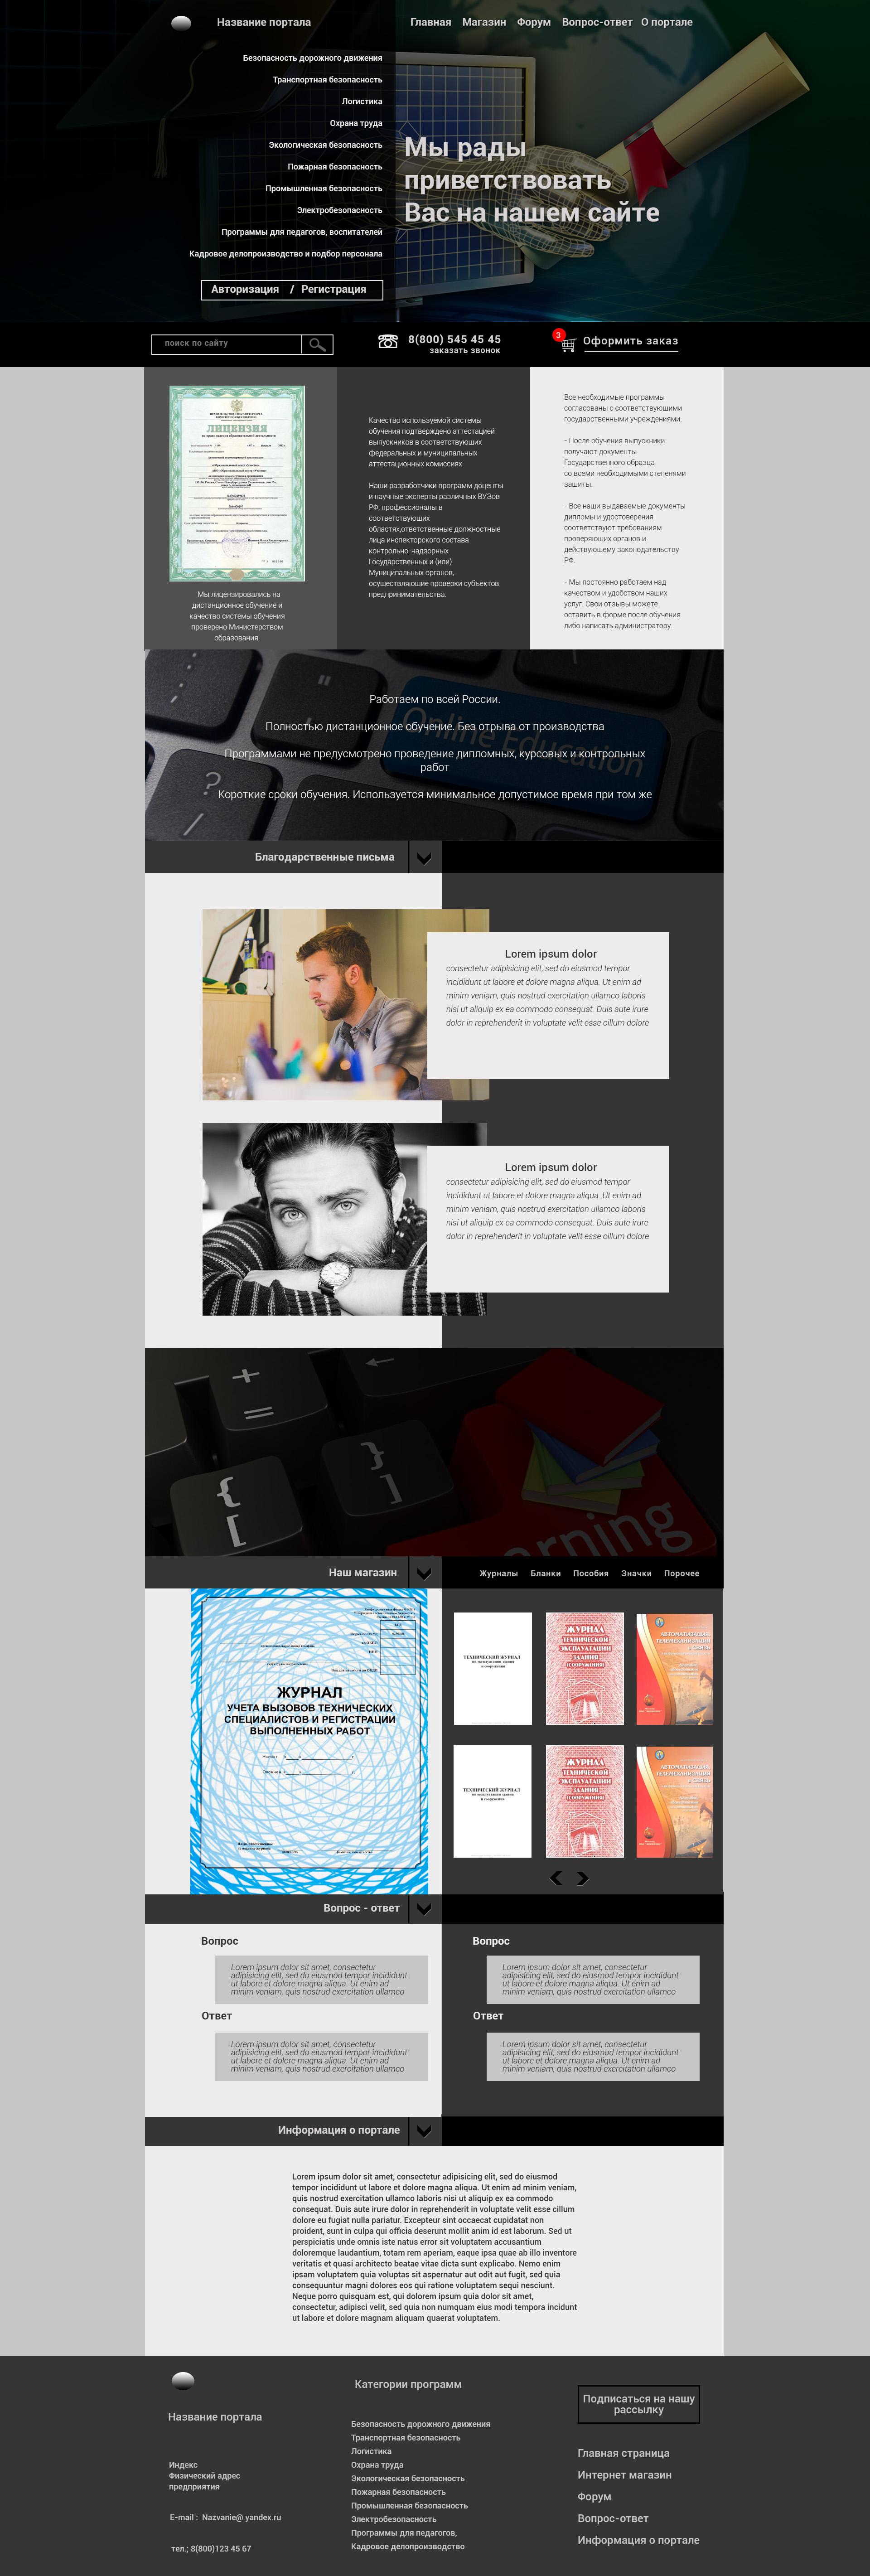 Требуется дизайн сайта занимающегося дистанционным обучением фото f_671588a49edb11a9.jpg